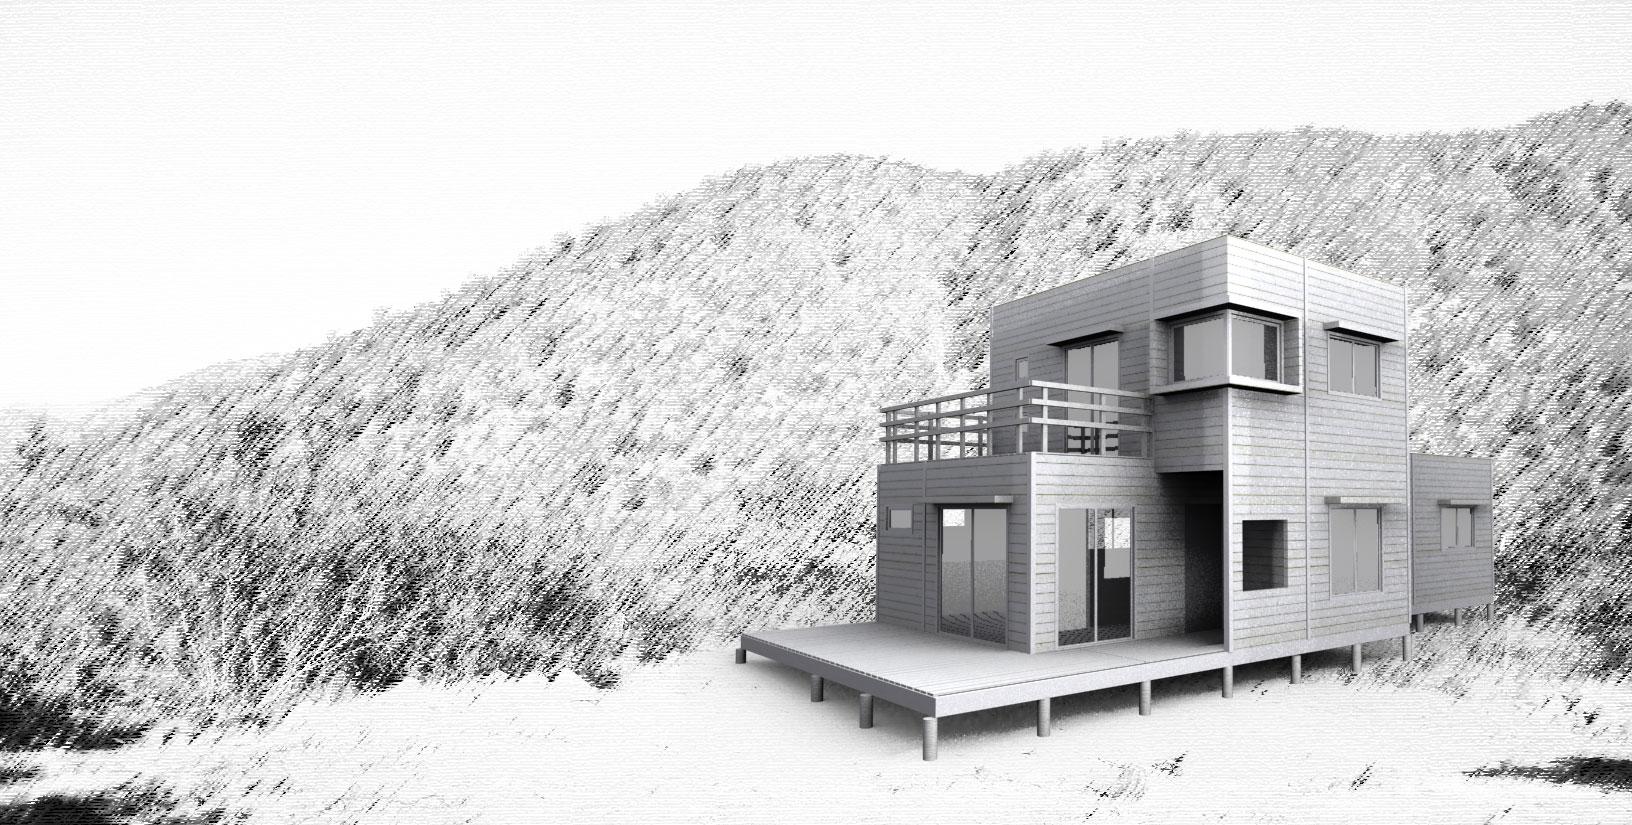 Construcci n de casas prefabricadas exclusivas for Construccion de casas bioclimaticas